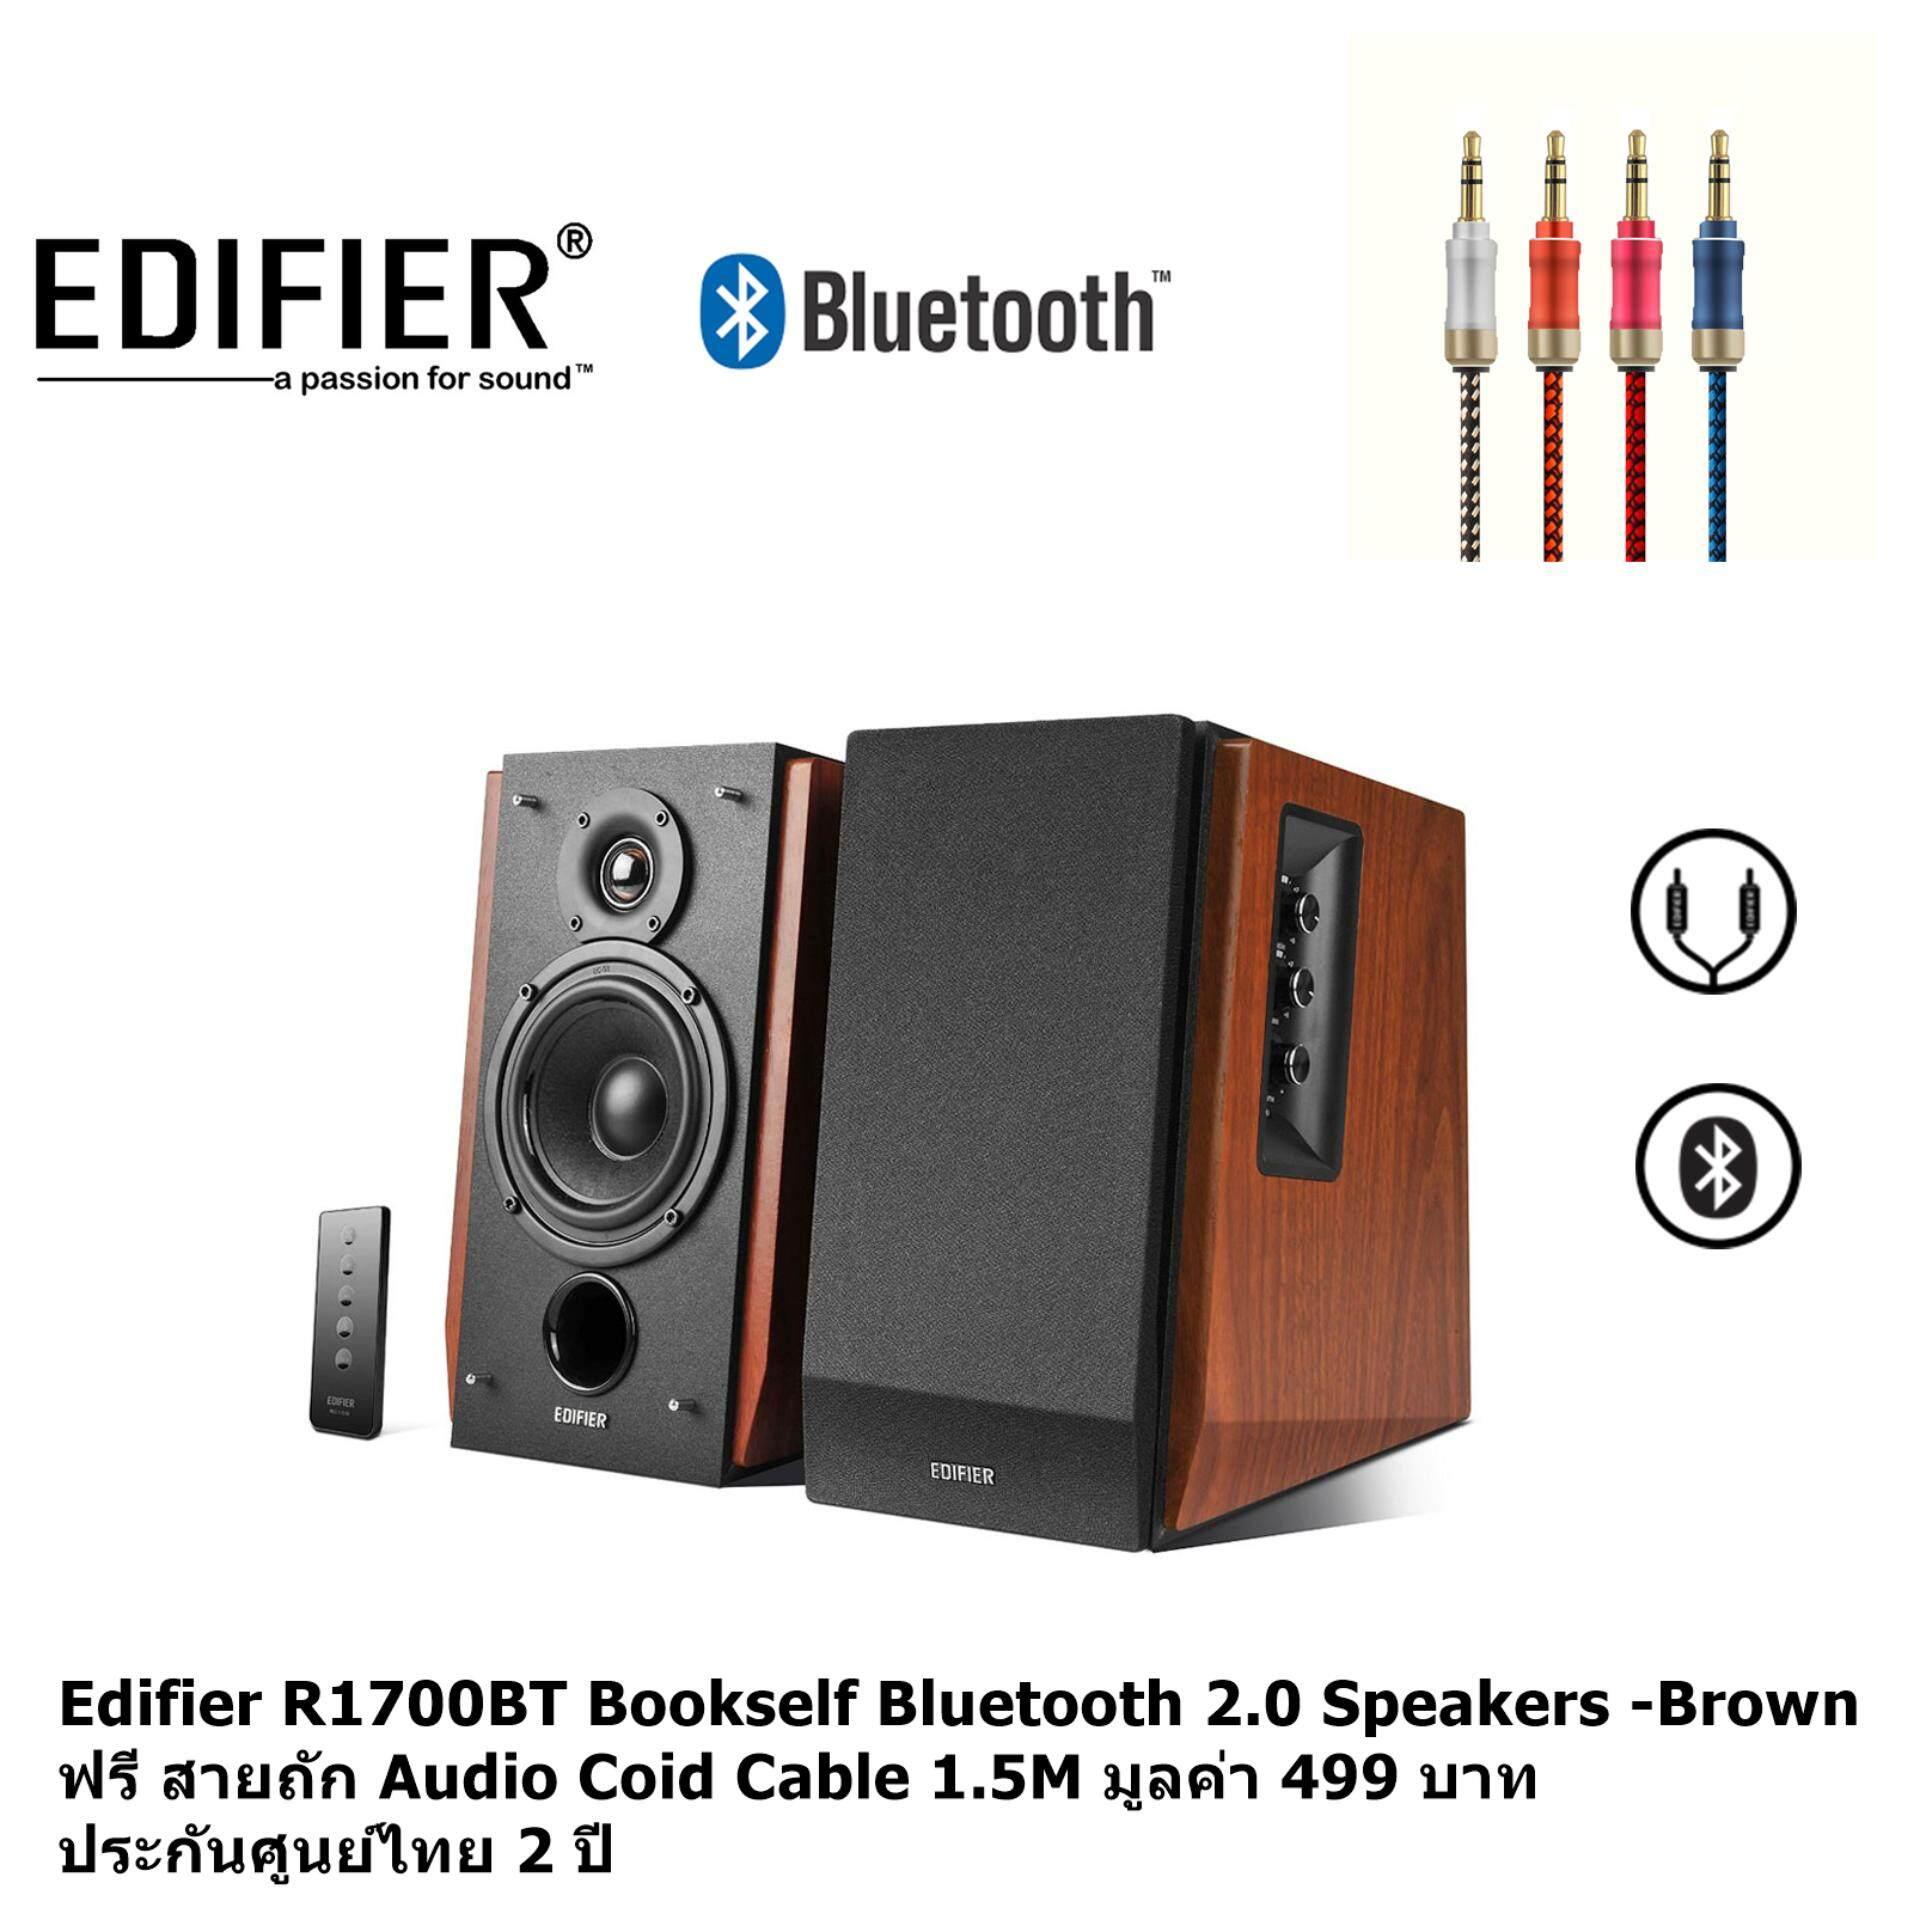 สอนใช้งาน  ปราจีนบุรี Edifier R1700BT Bookself Bluetooth Studio 2.0 speakers -Black/Brown ฟรี สายถัก Audio Coid Cable 1.5M มูลค่า 499 บาท